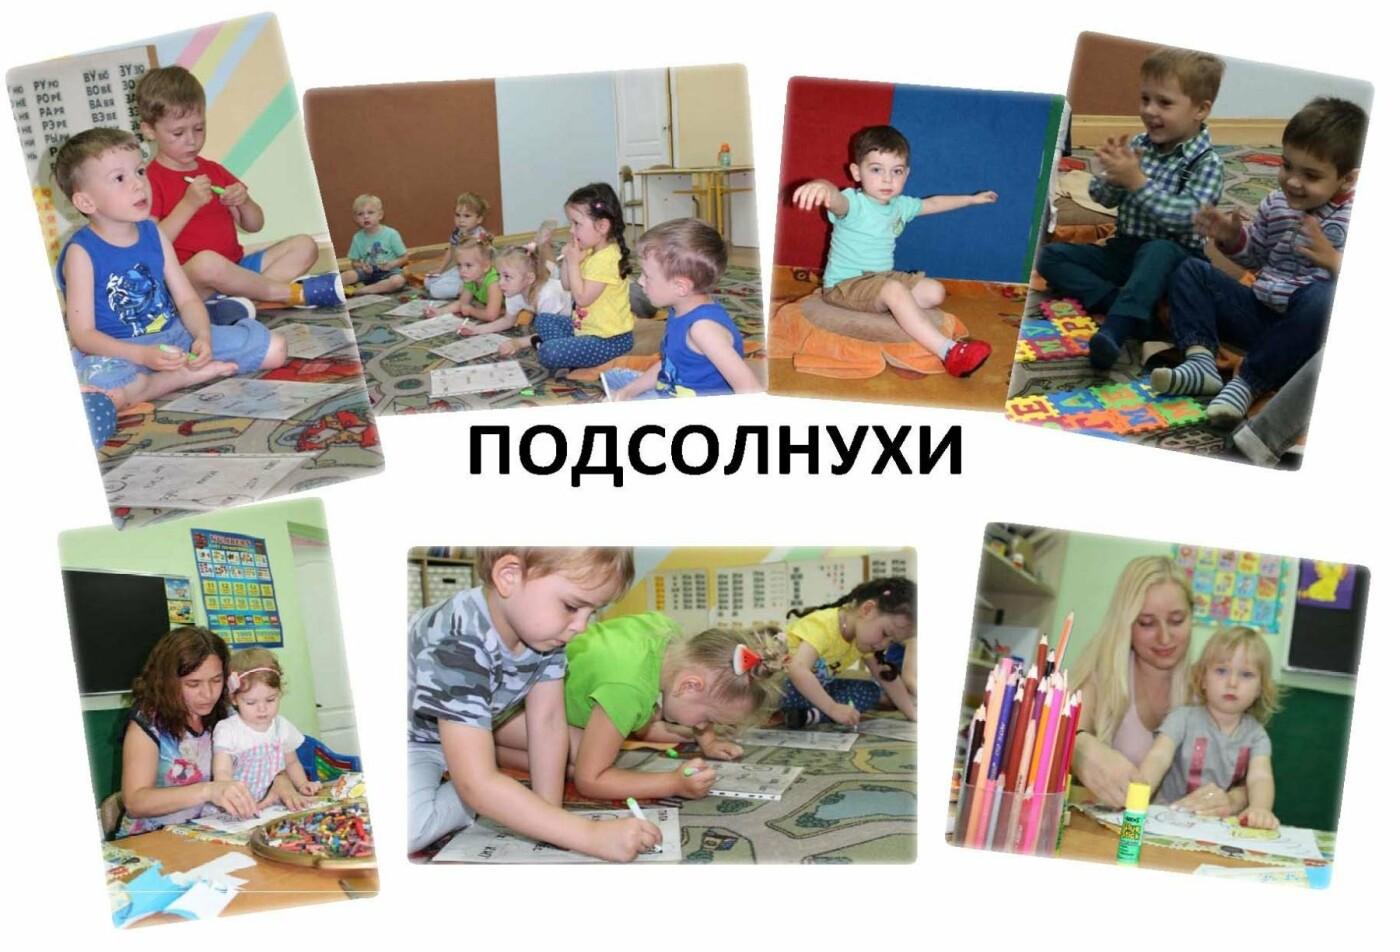 Татьяна Паламарчук, руководитель клуба семейного развития «Подсолнухи» в Ялте: «Личный пример – лучший способ воспитания», фото-1